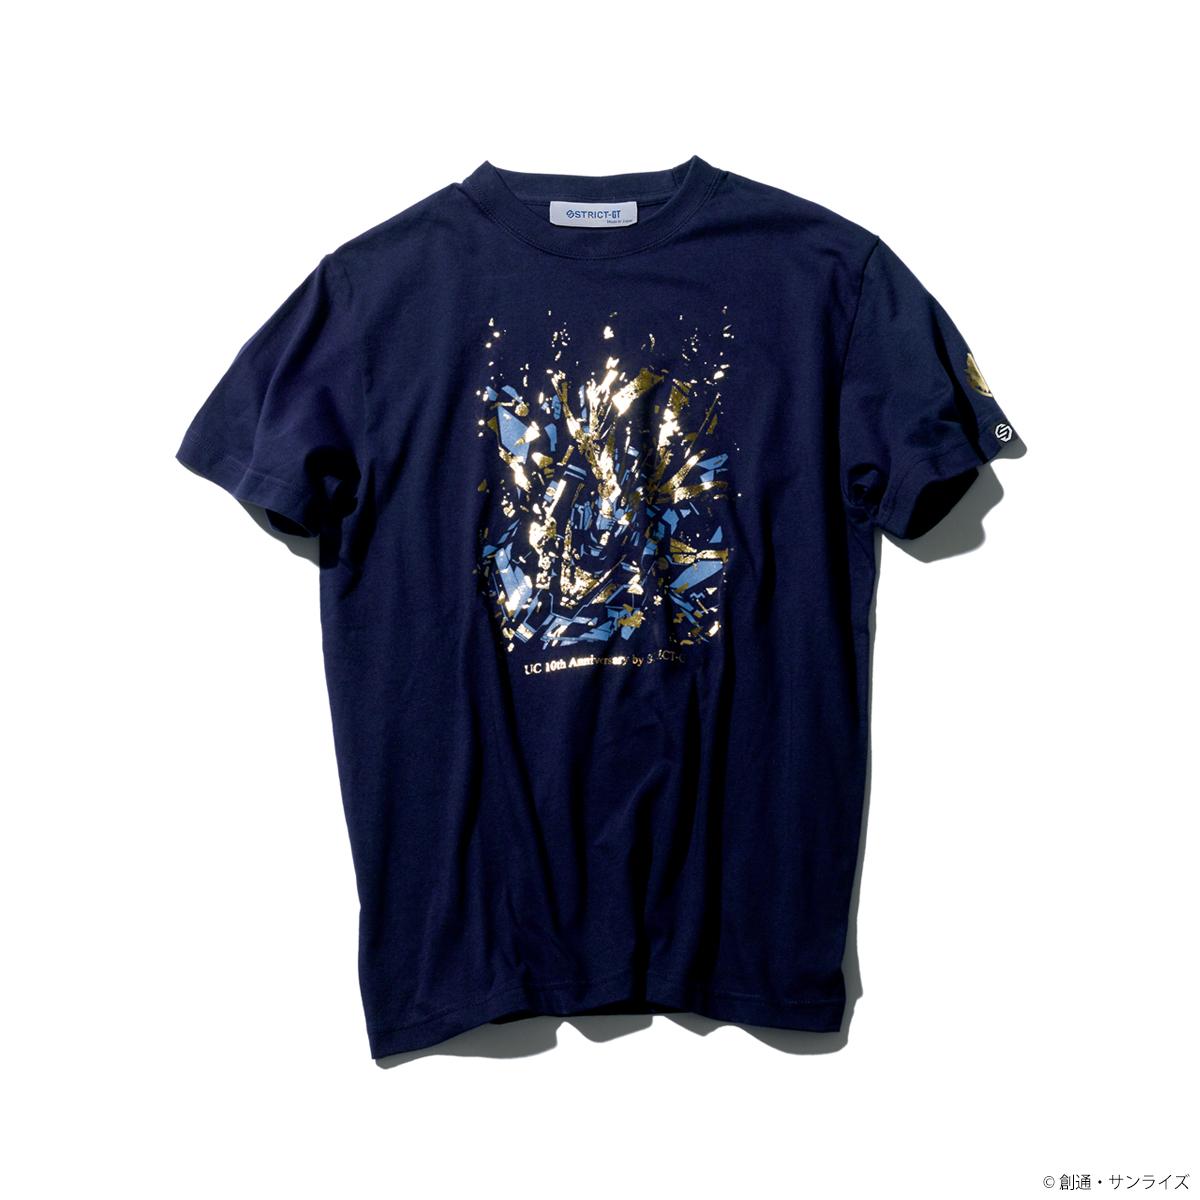 STRICT-G『機動戦士ガンダムUC』 OVA10周年記念 Tシャツ バンシィ柄